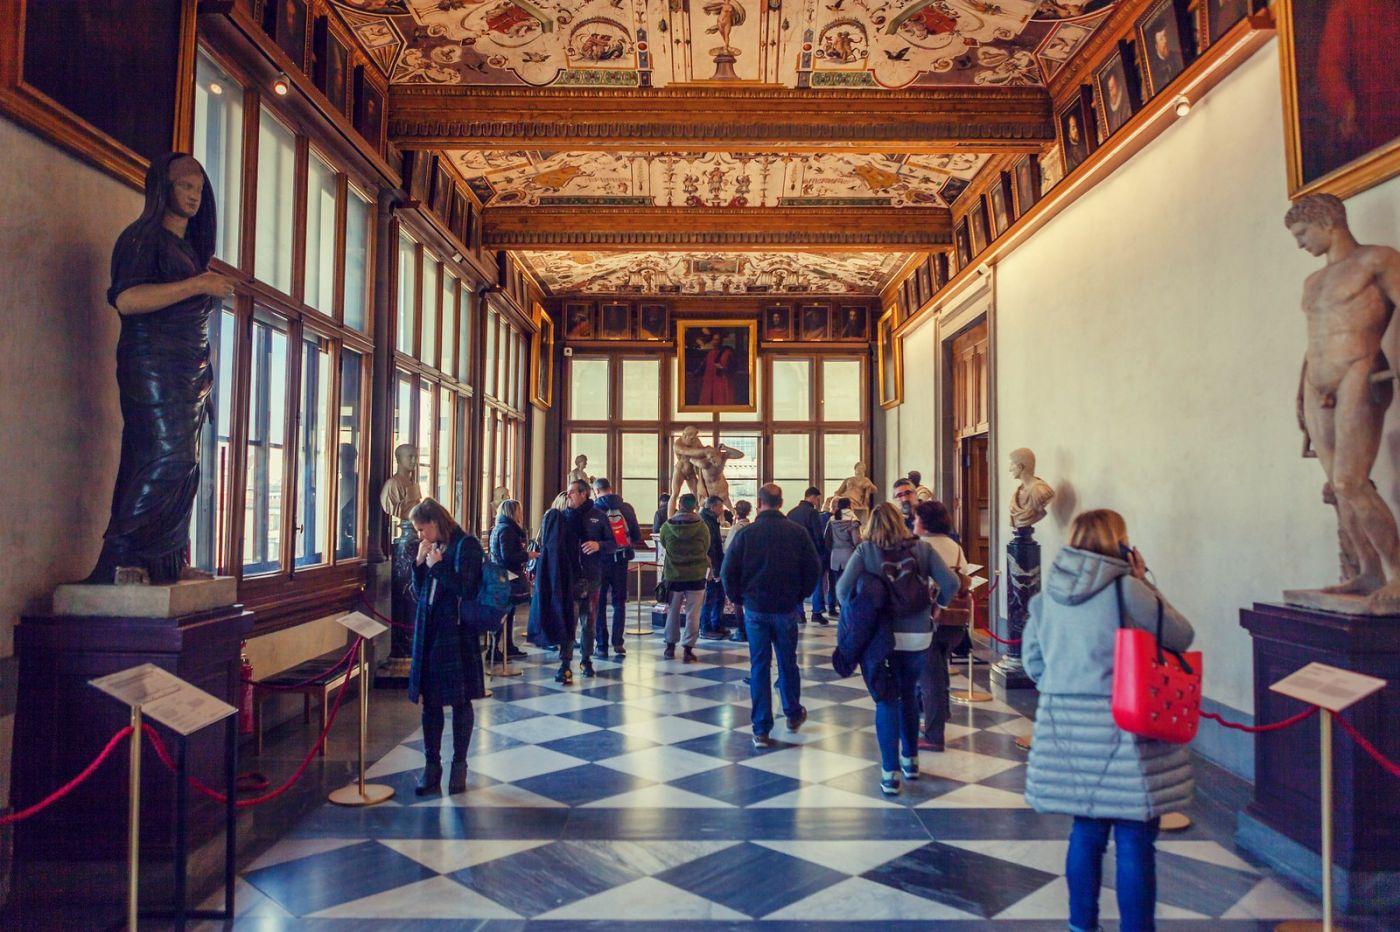 意大利佛罗伦斯乌菲兹美术馆, 进去看一看_图1-23